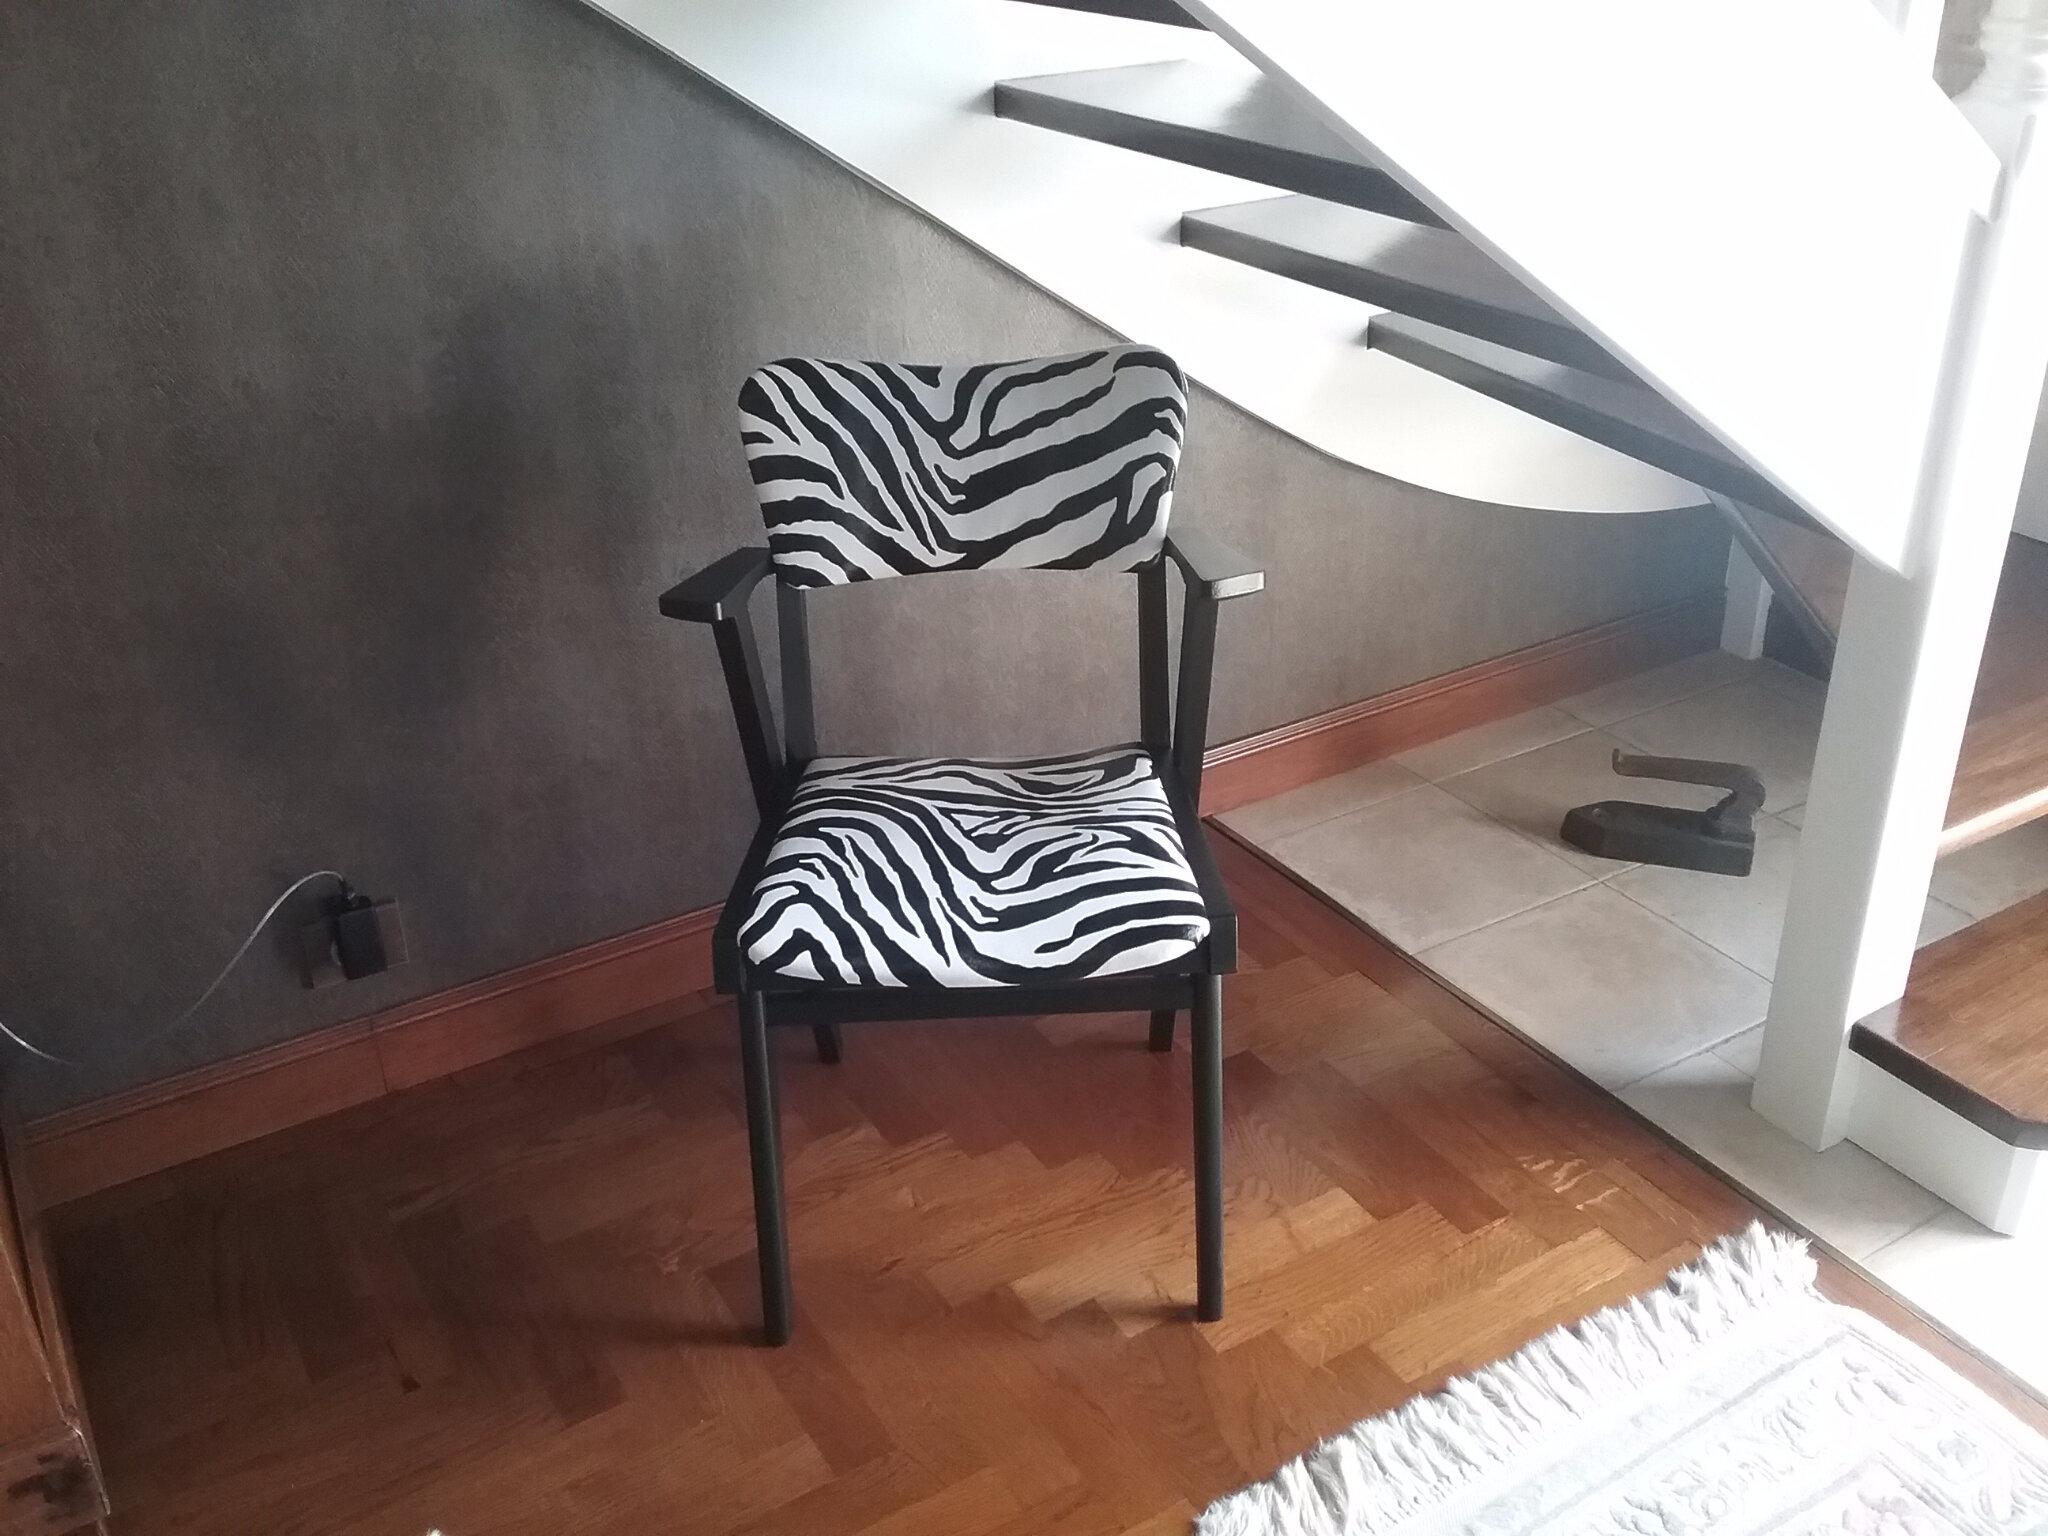 Le deuxième fauteuil vintâge zebre